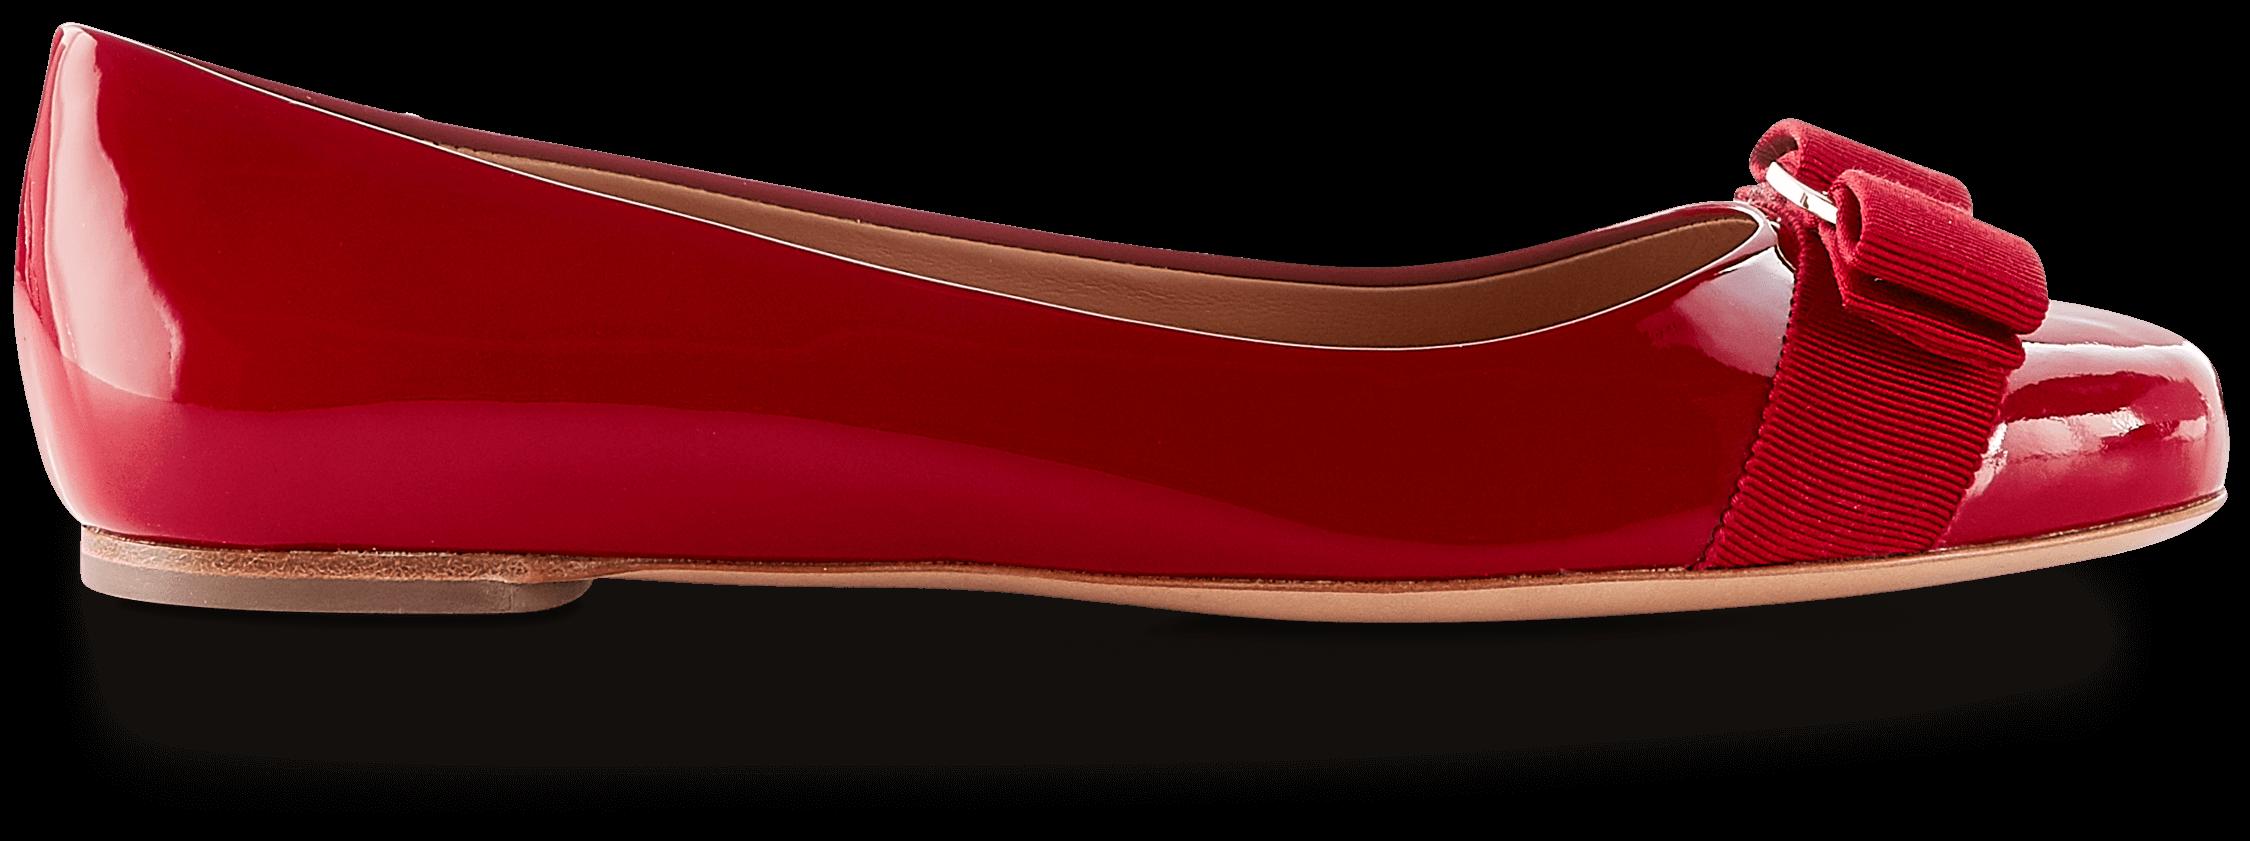 Varina Ballet Flat